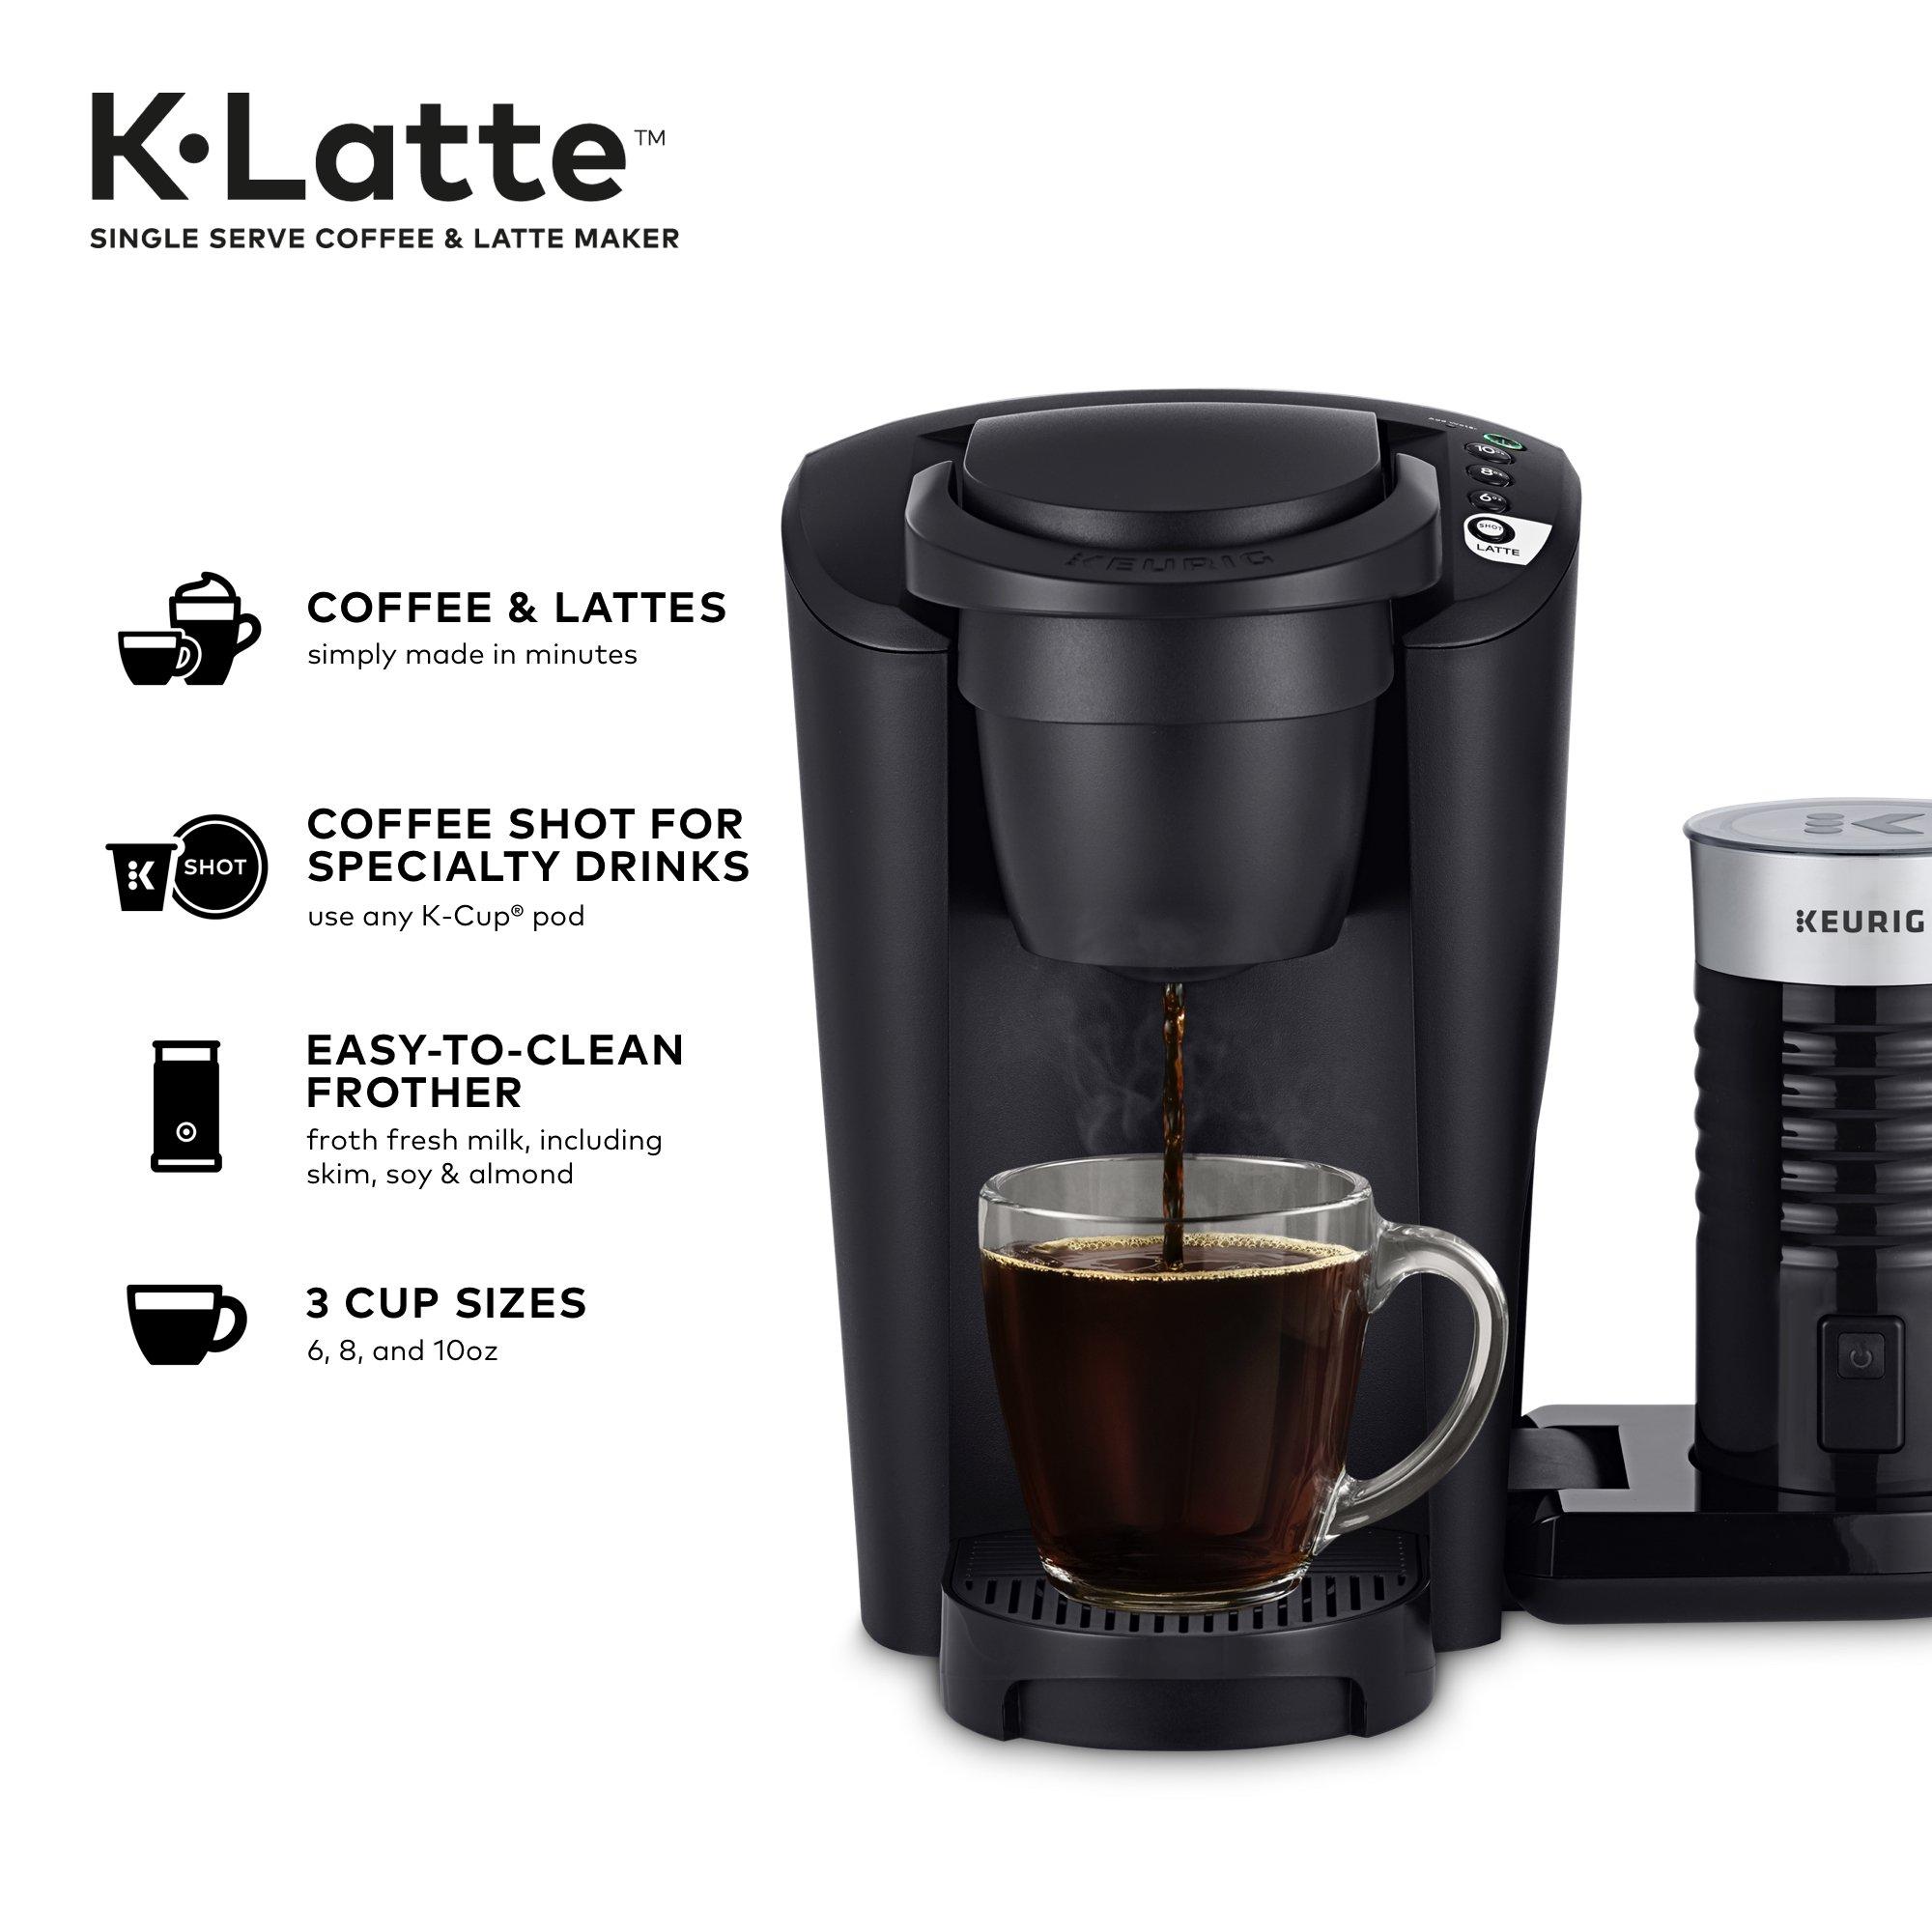 Buy Keurig K Latte Single Serve K Cup Coffee And Latte